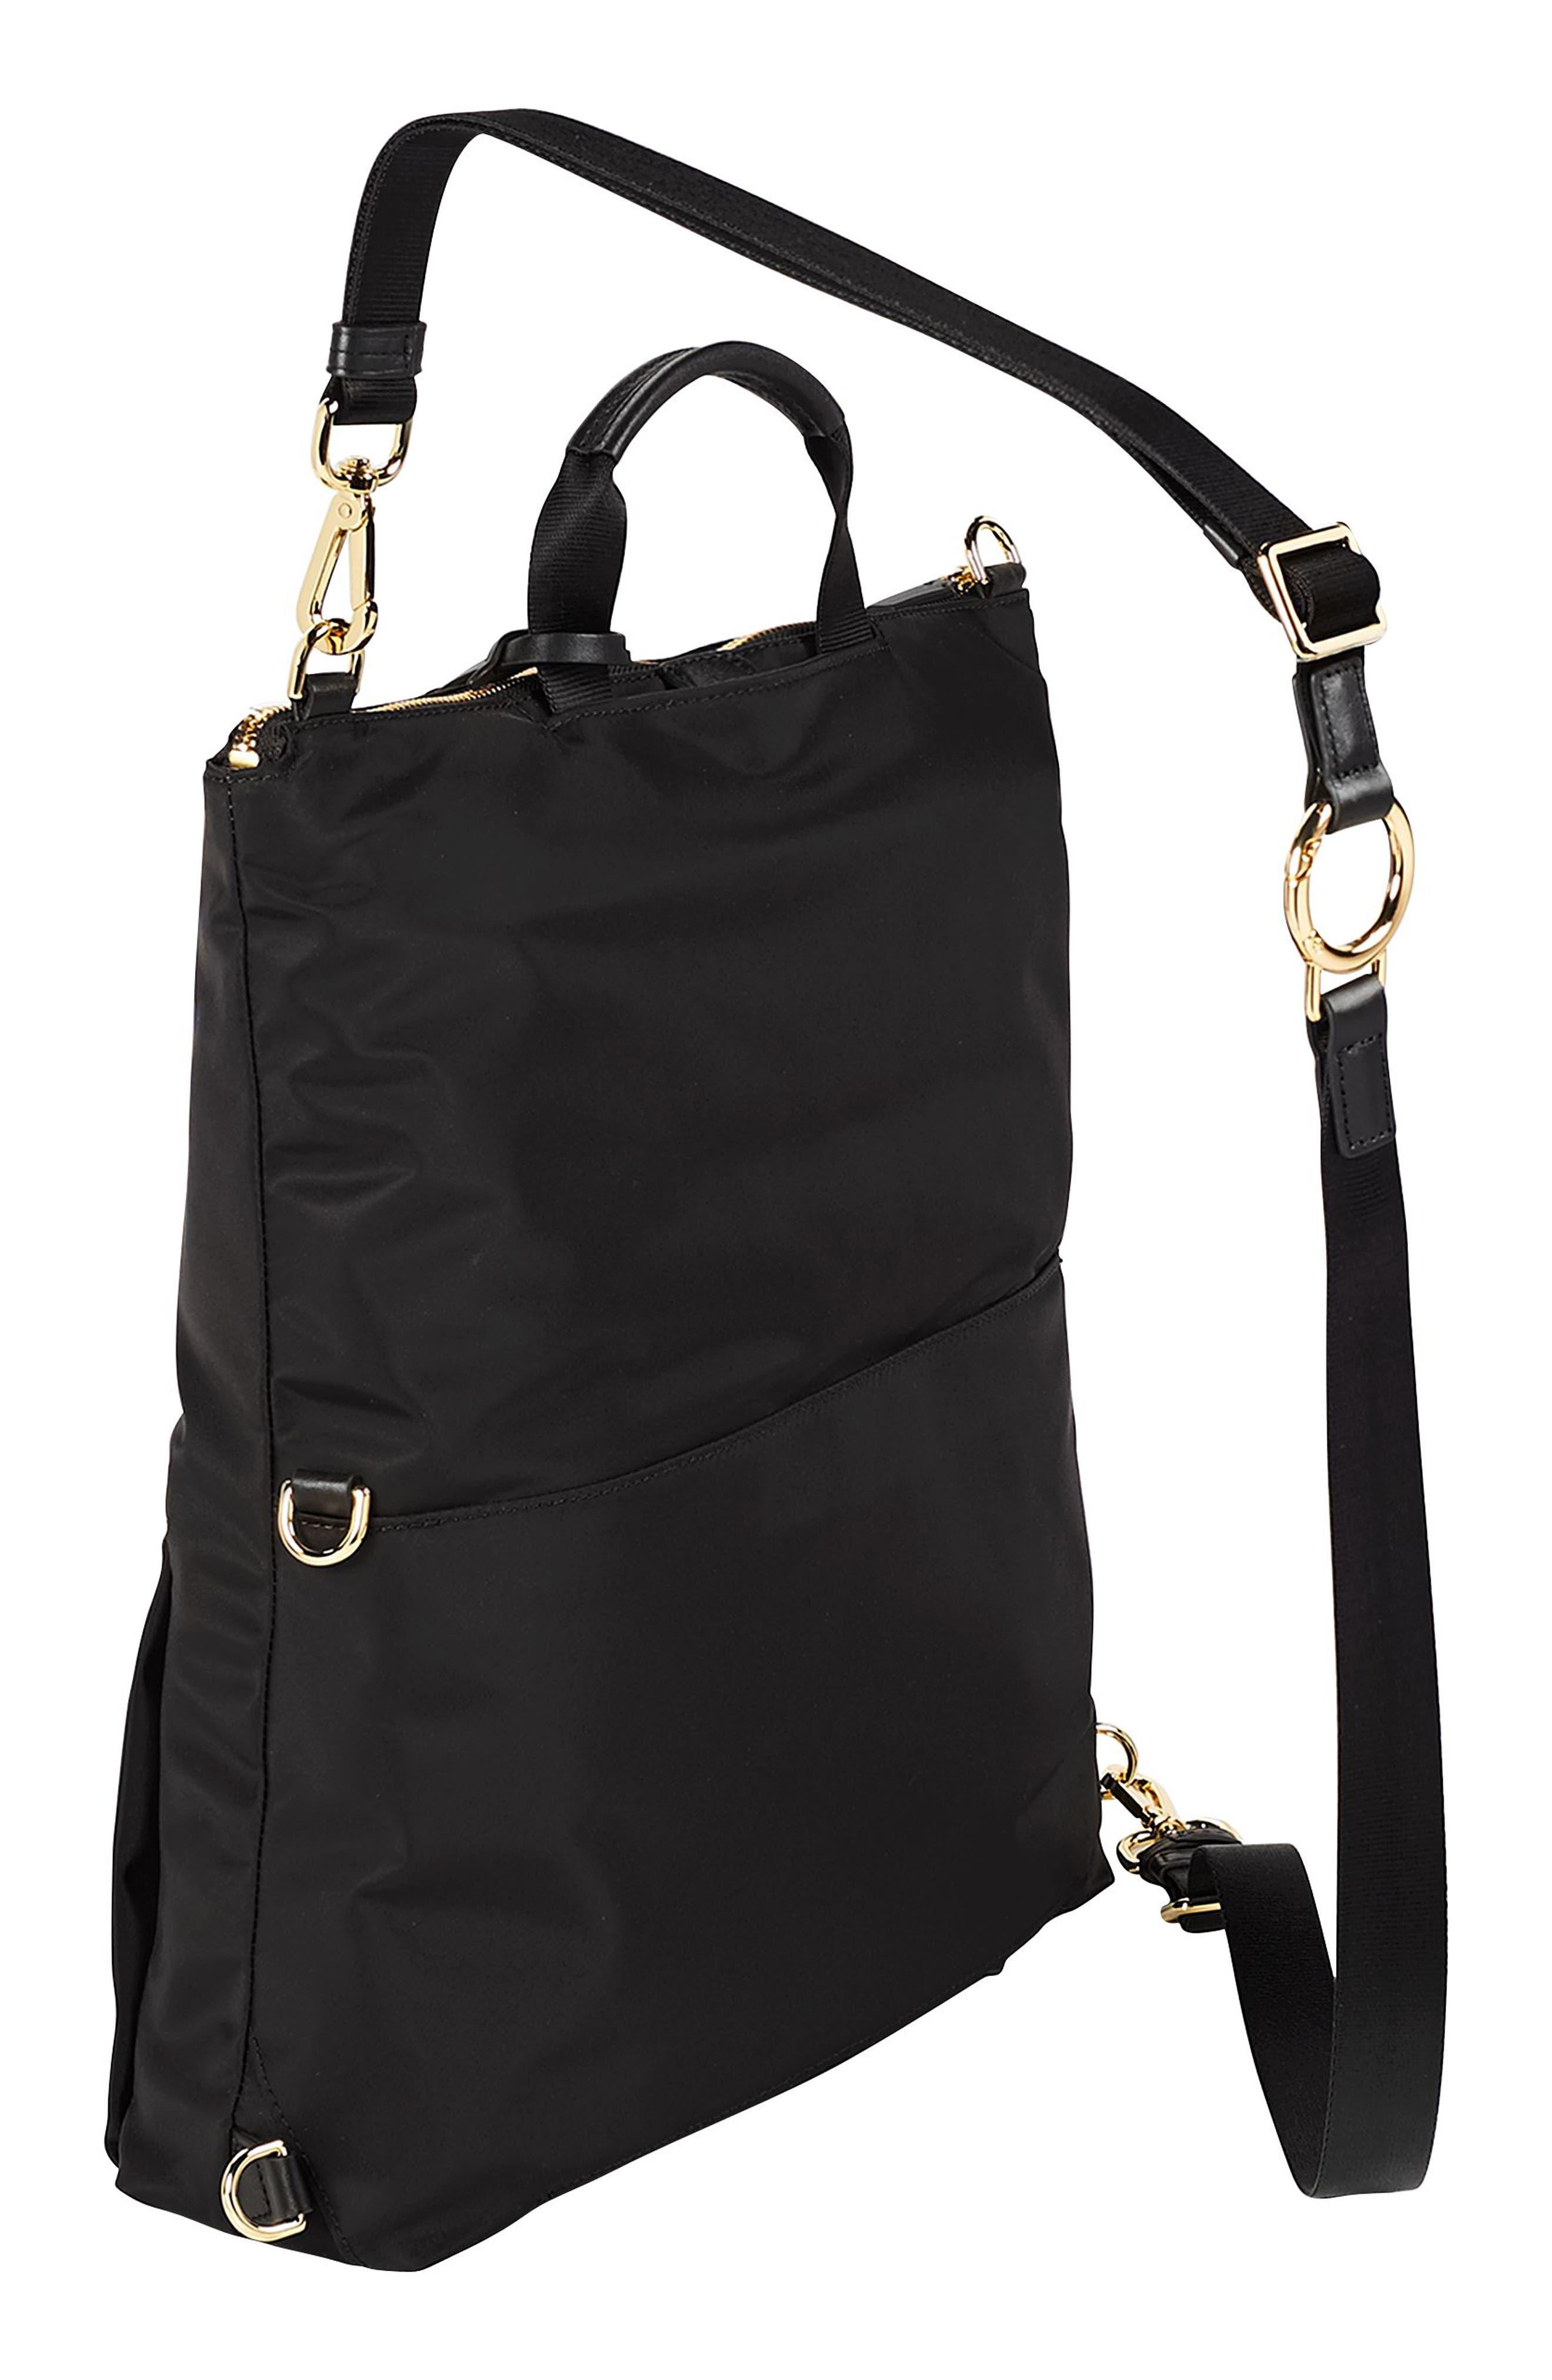 TUMI, Voyageur Jena Nylon Convertible Backpack, Alternate thumbnail 3, color, BLACK